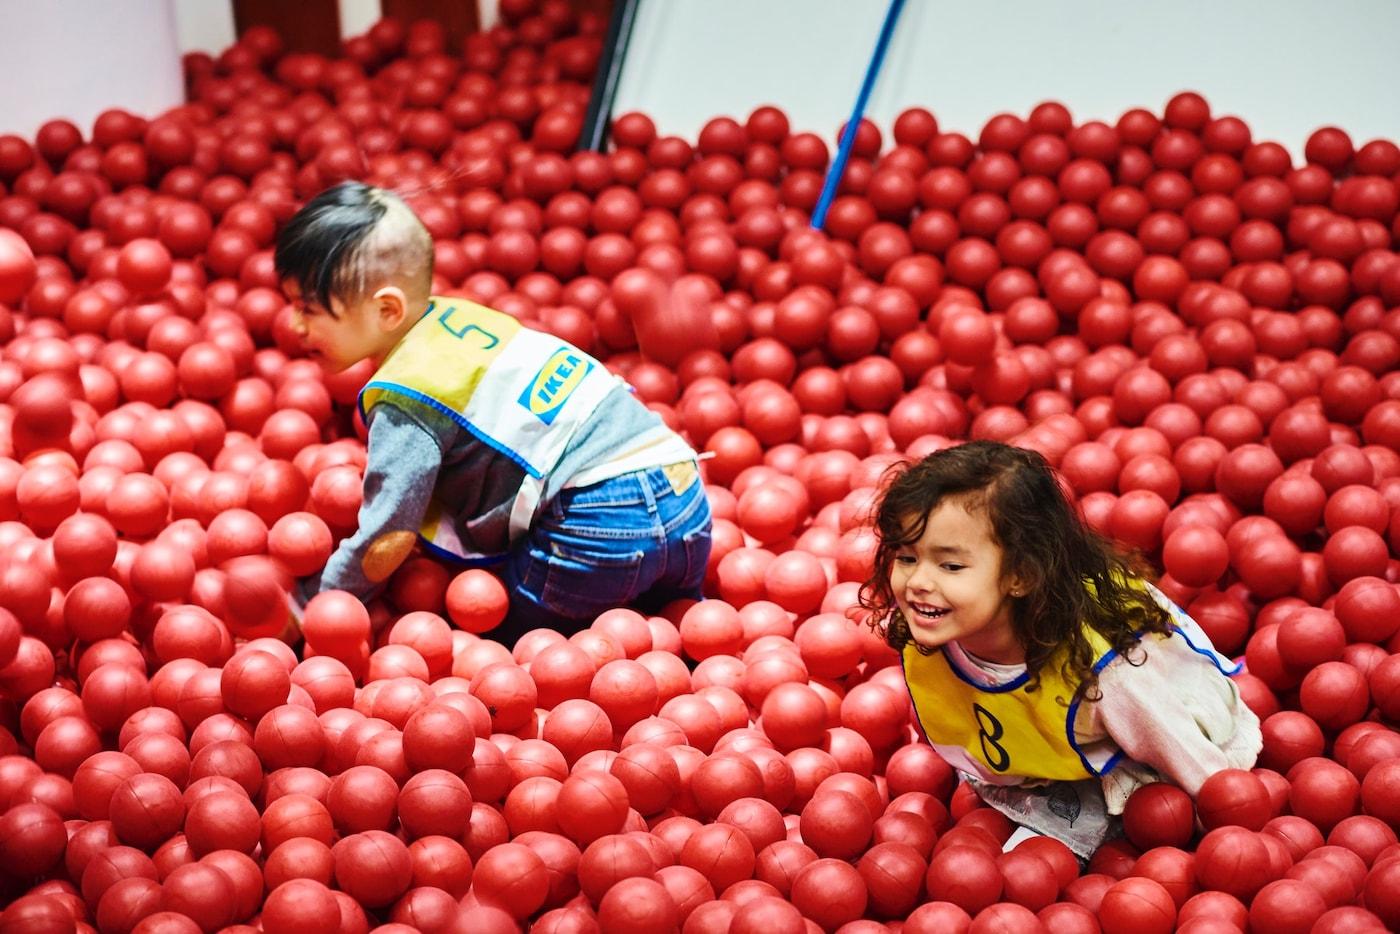 صورة تظهر طفلين يلعبان بسمك على حفرة الكرة.